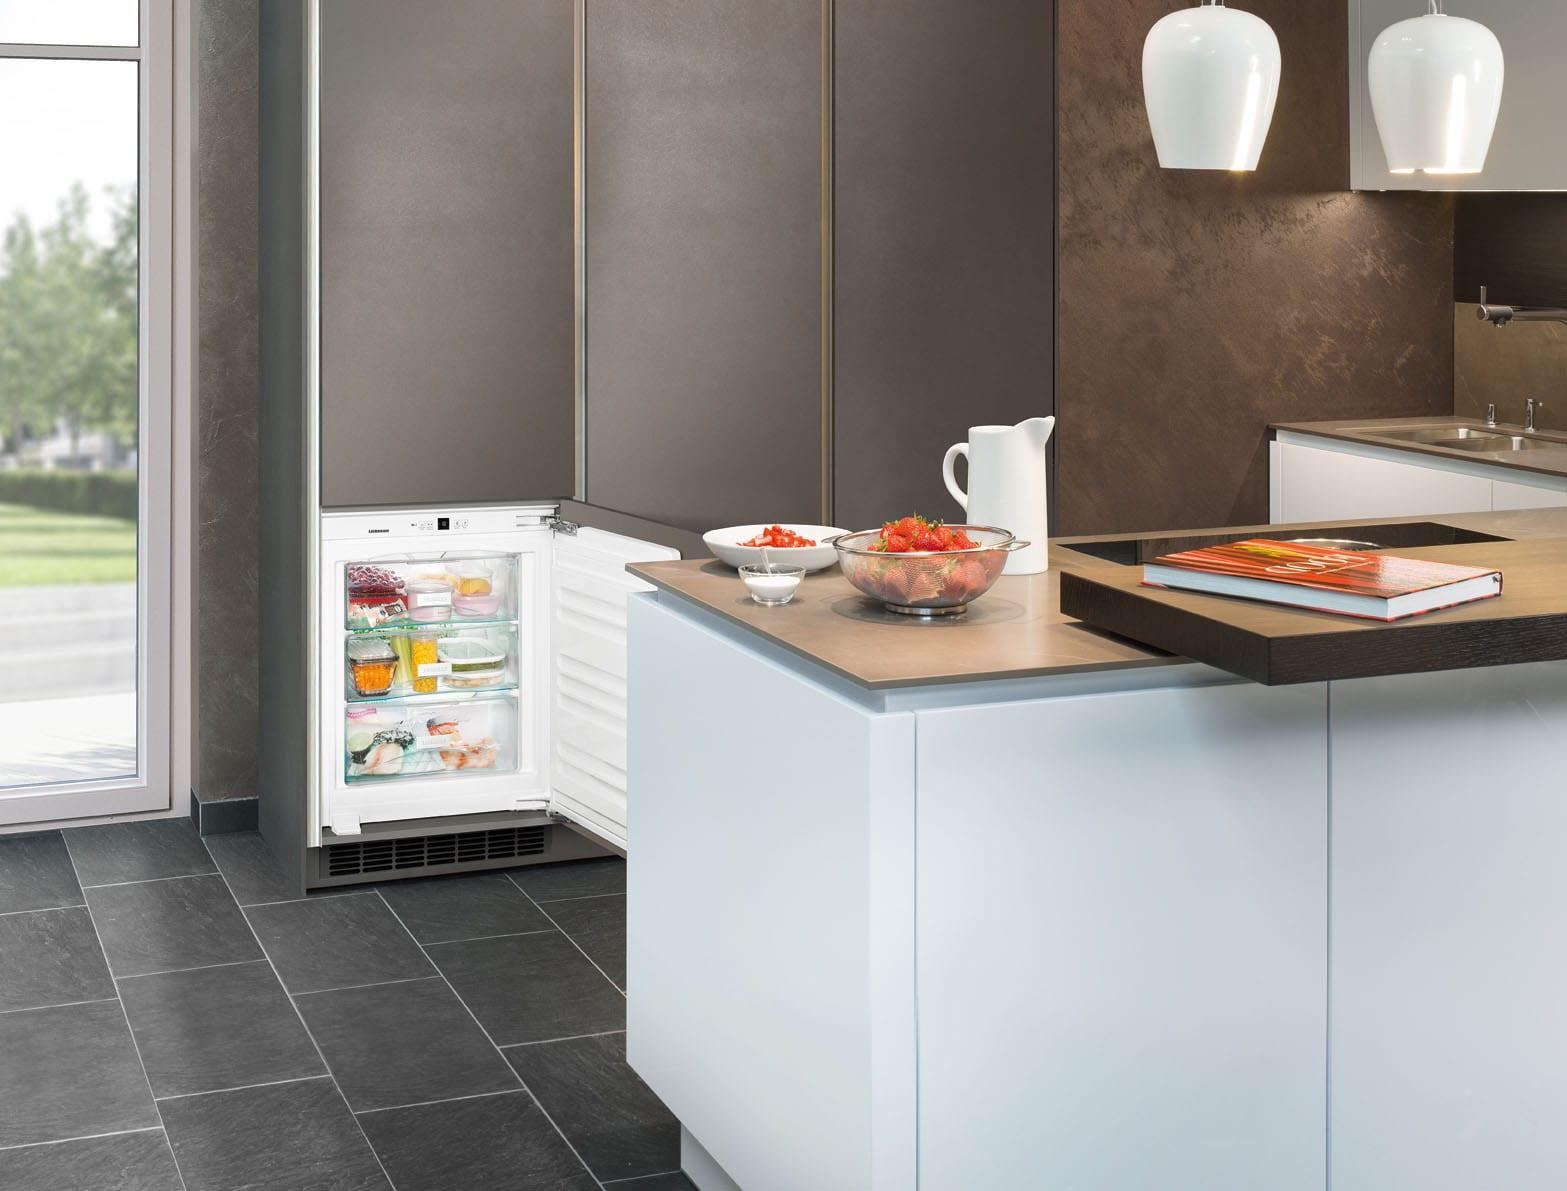 IG1024 Comfort freezer